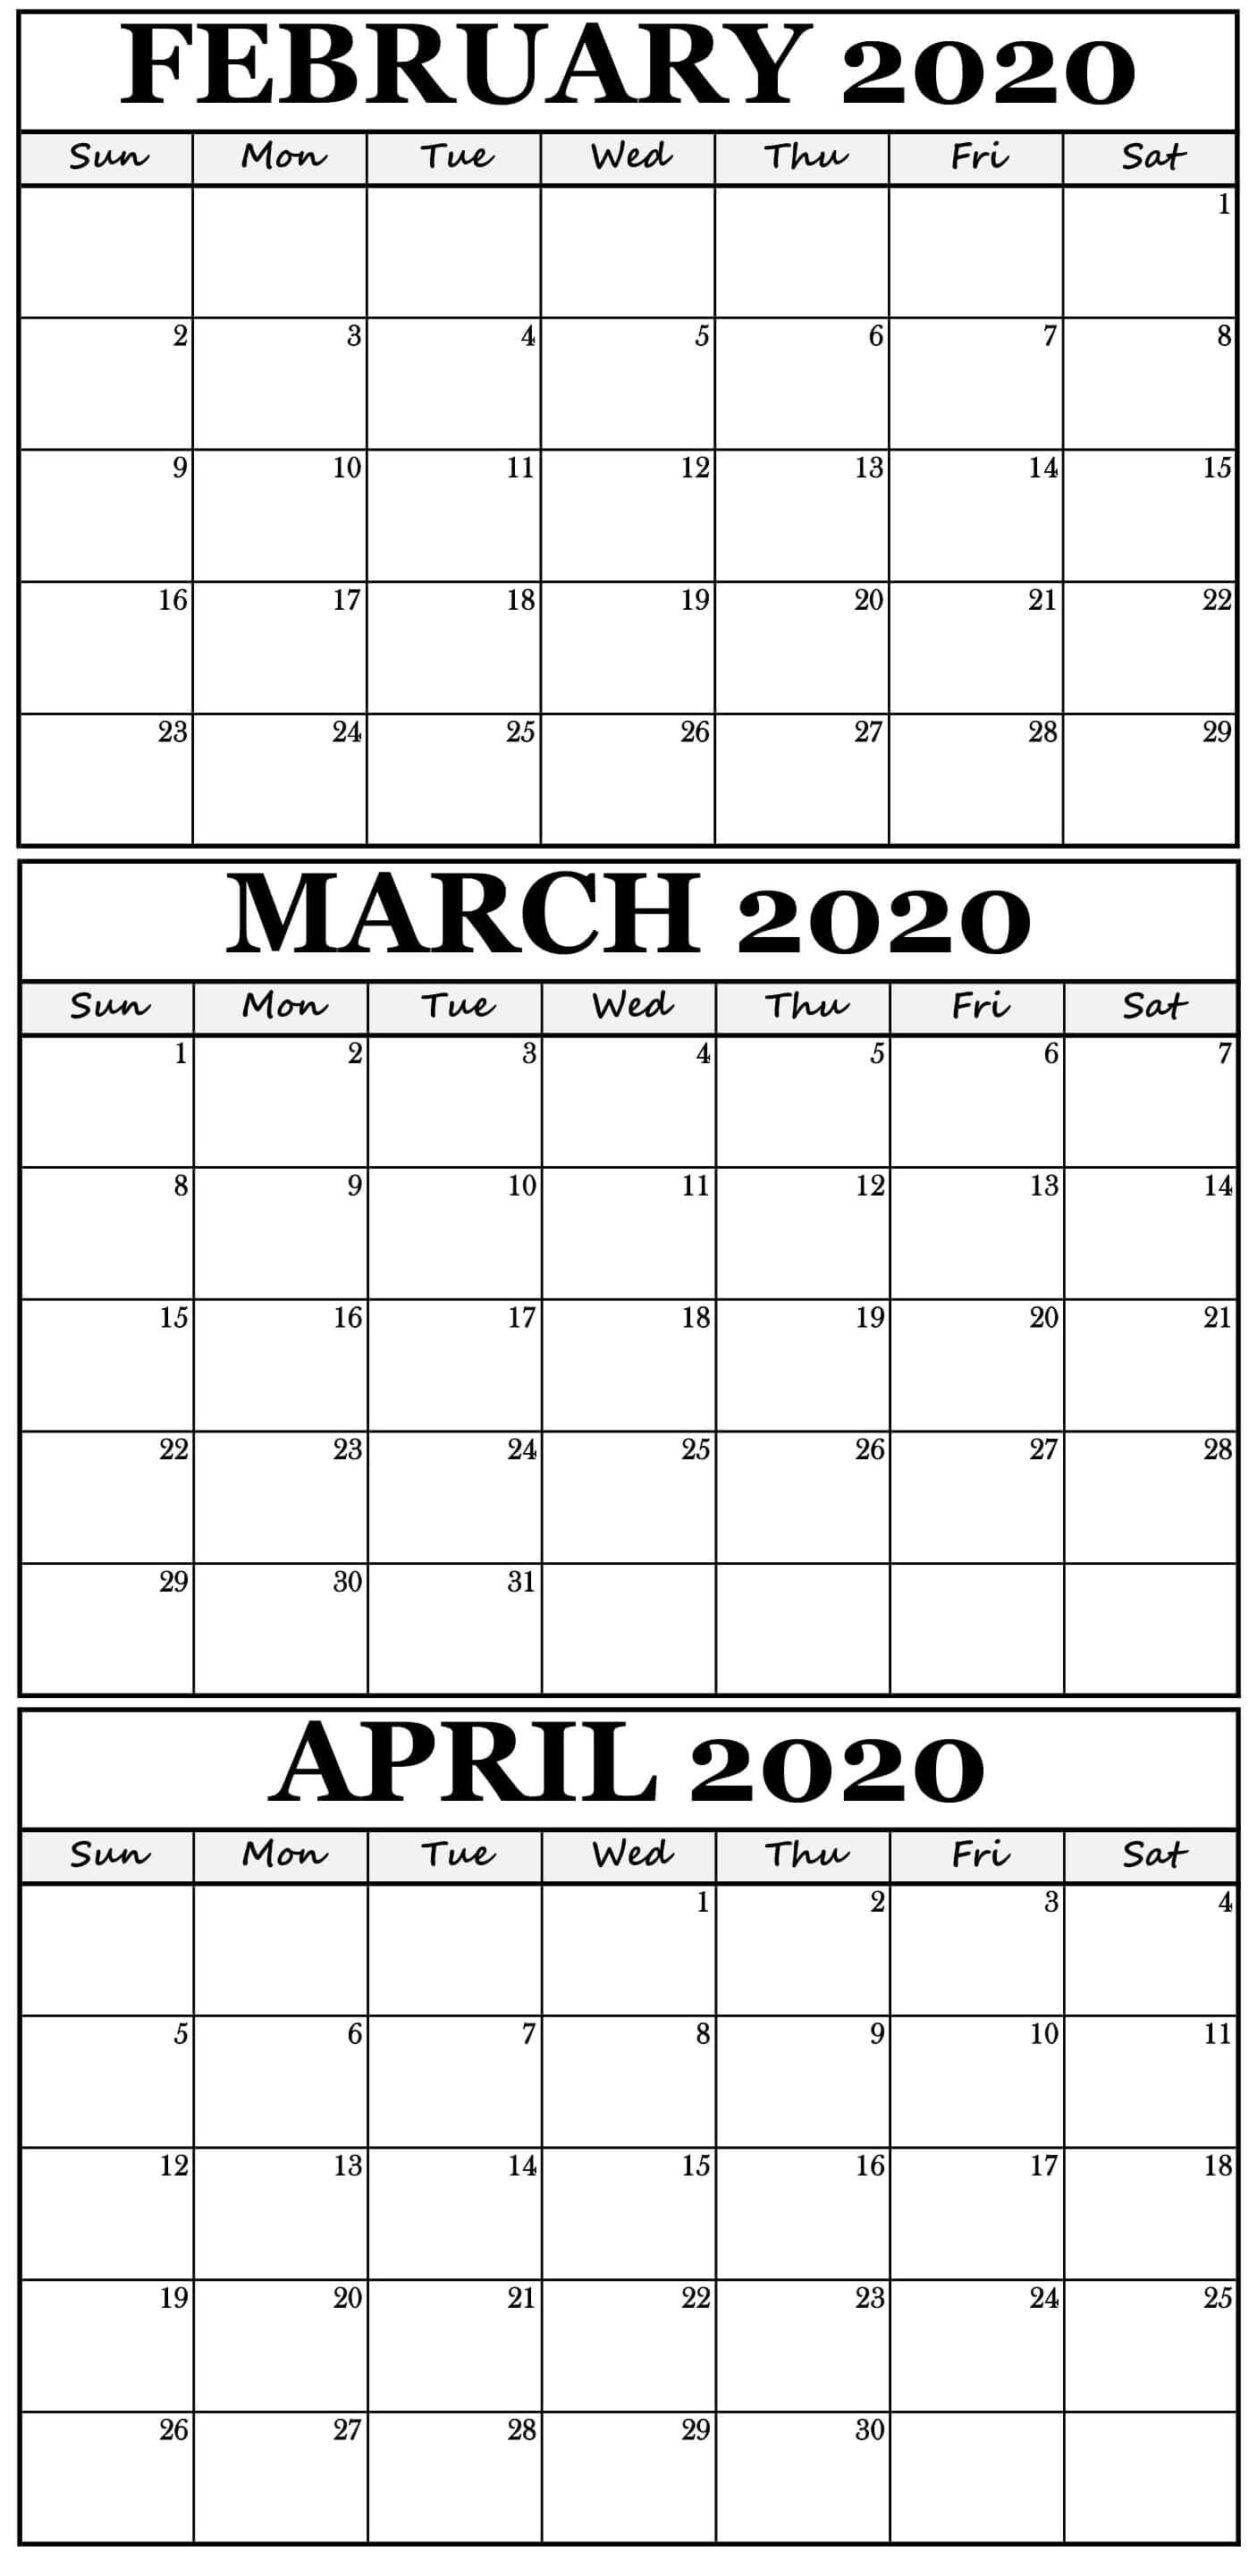 2020 February 3 Month Calendar Template   3 Month Calendar